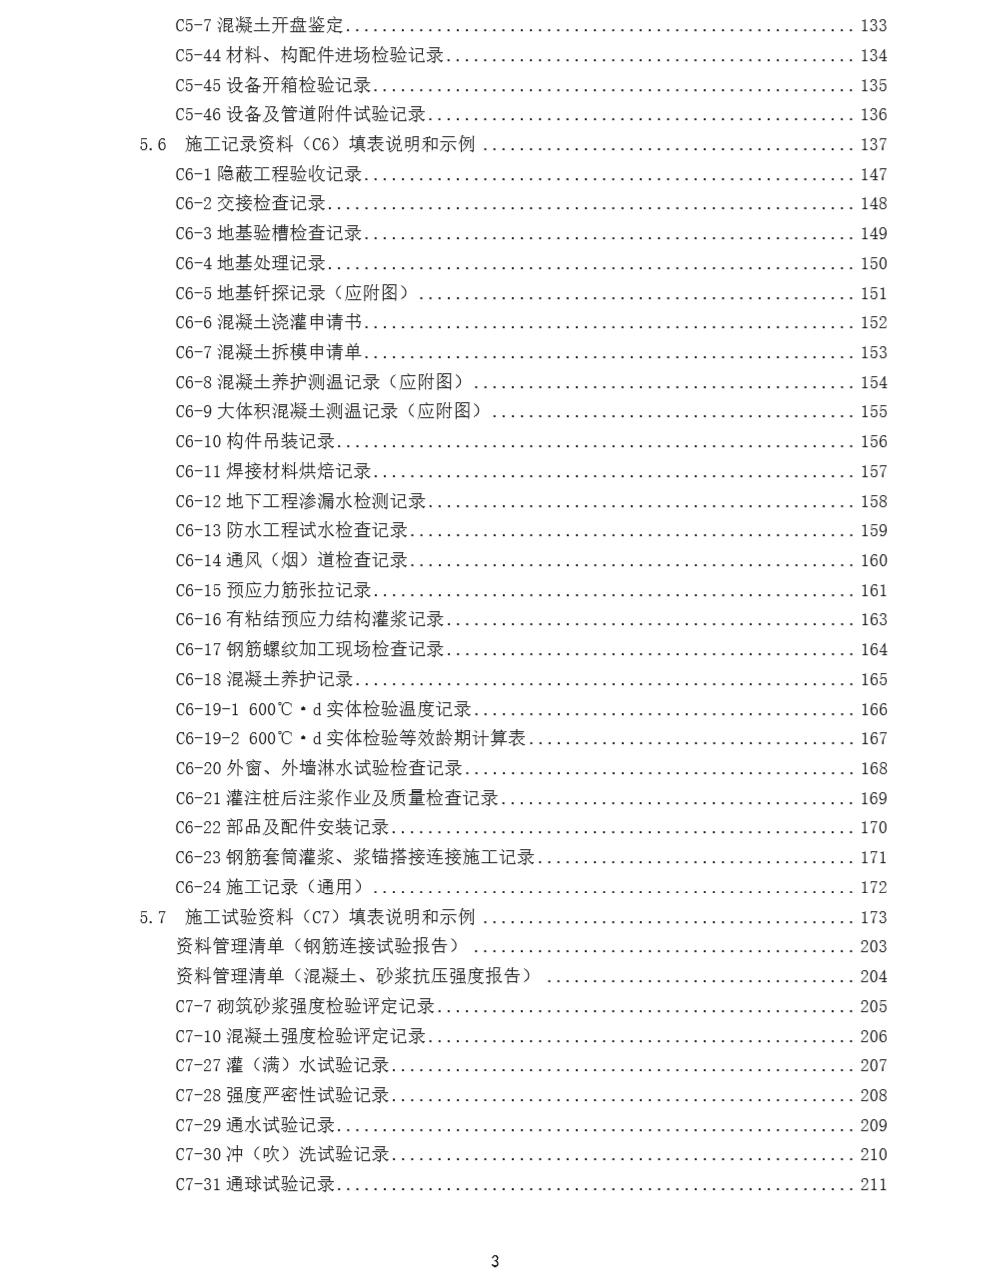 安徽范例书目录5.jpg